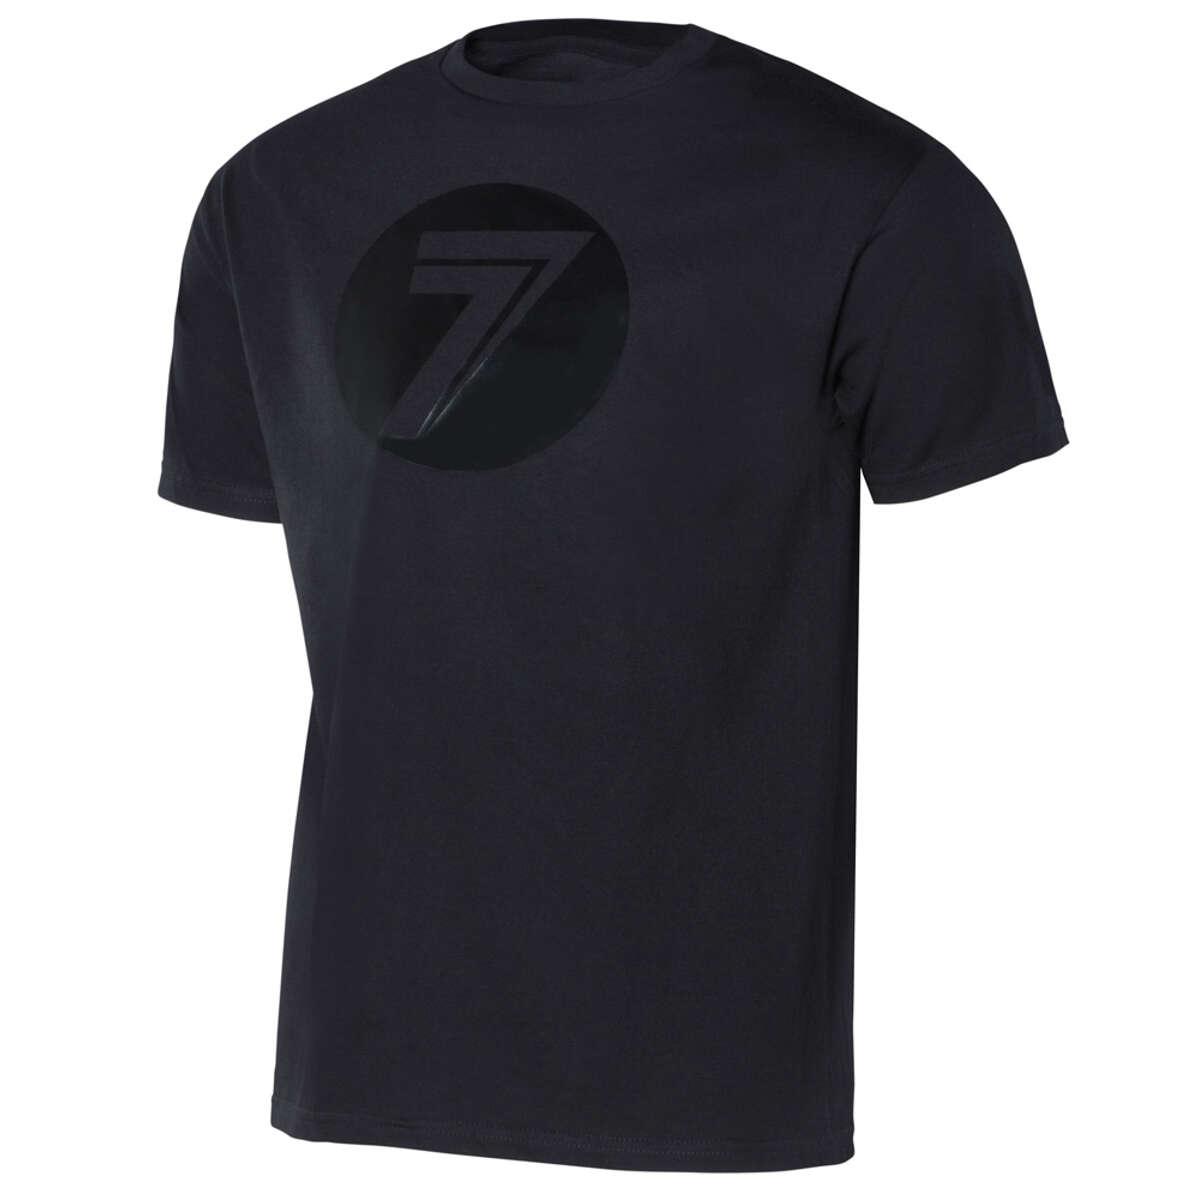 Seven MX T-Shirt Dot Black/Black